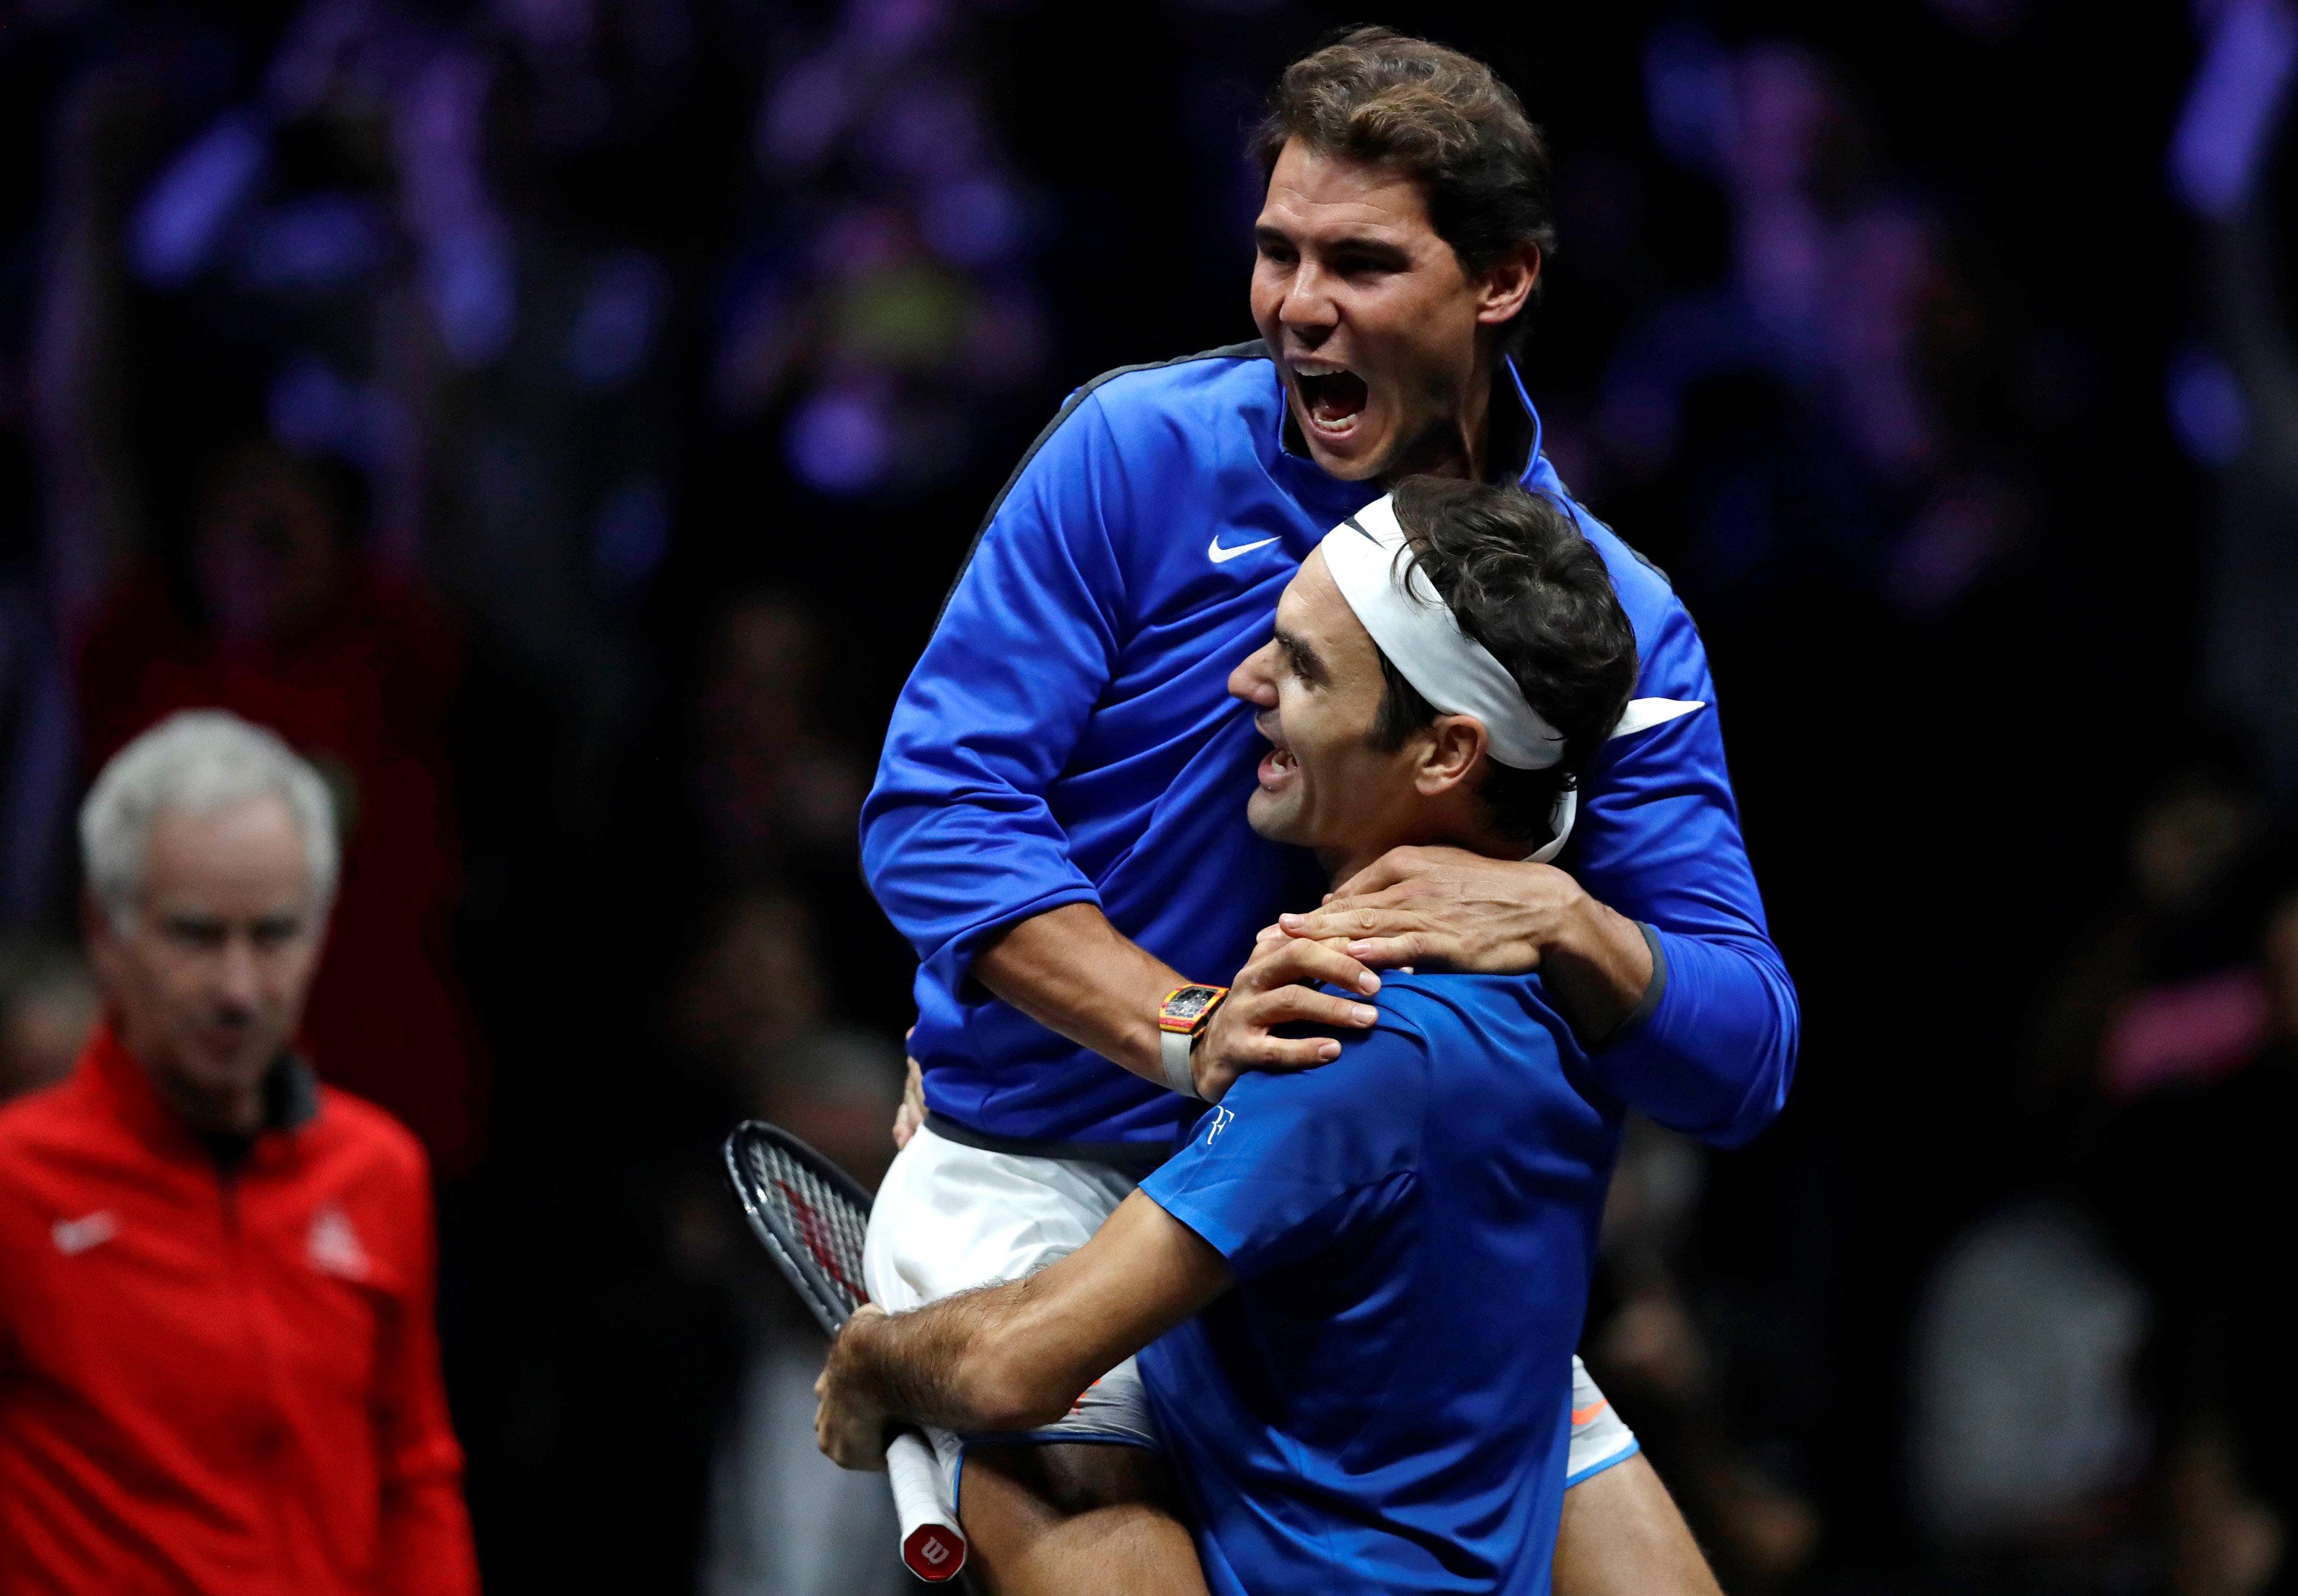 Tennis - Avec la Laver Cup, Roger Federer a réussi son show